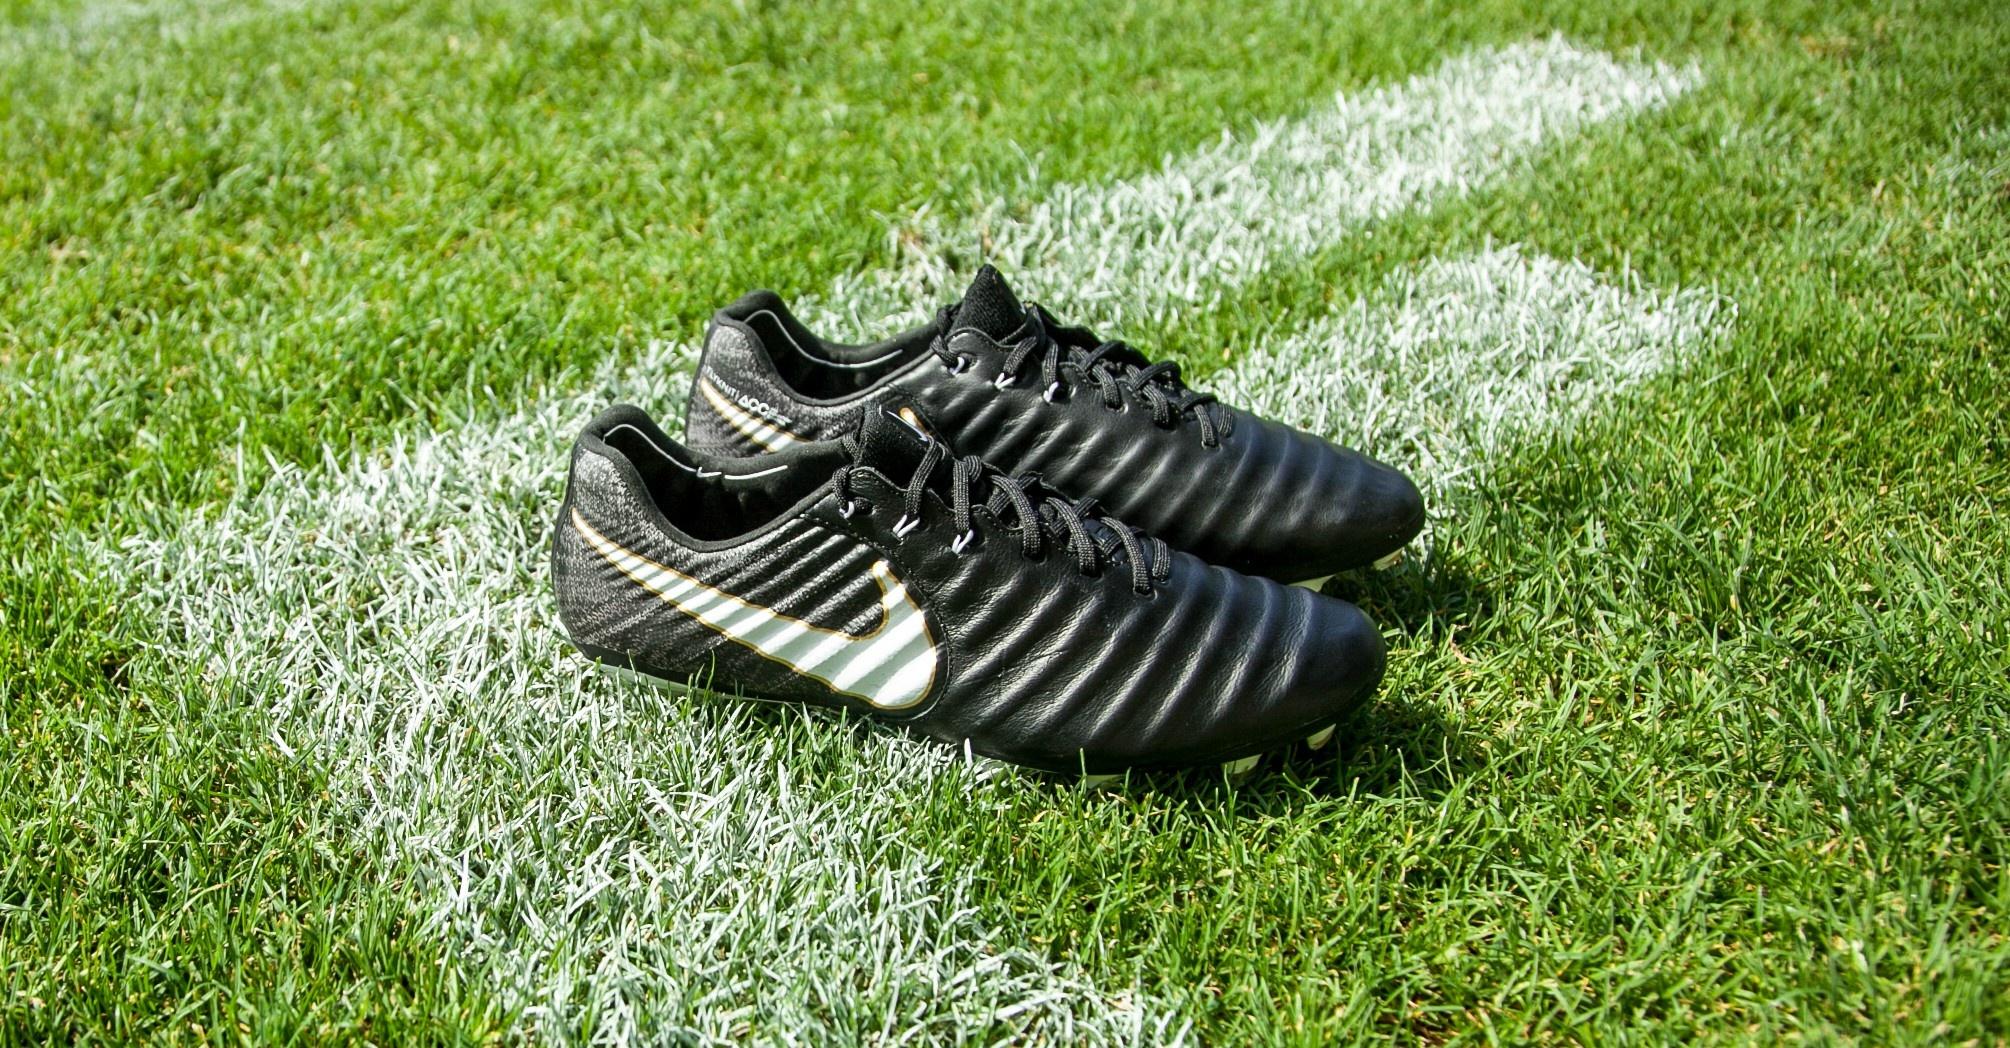 Fußballschuhe kaufen: Welcher Schuh für welchen Platzbelag?